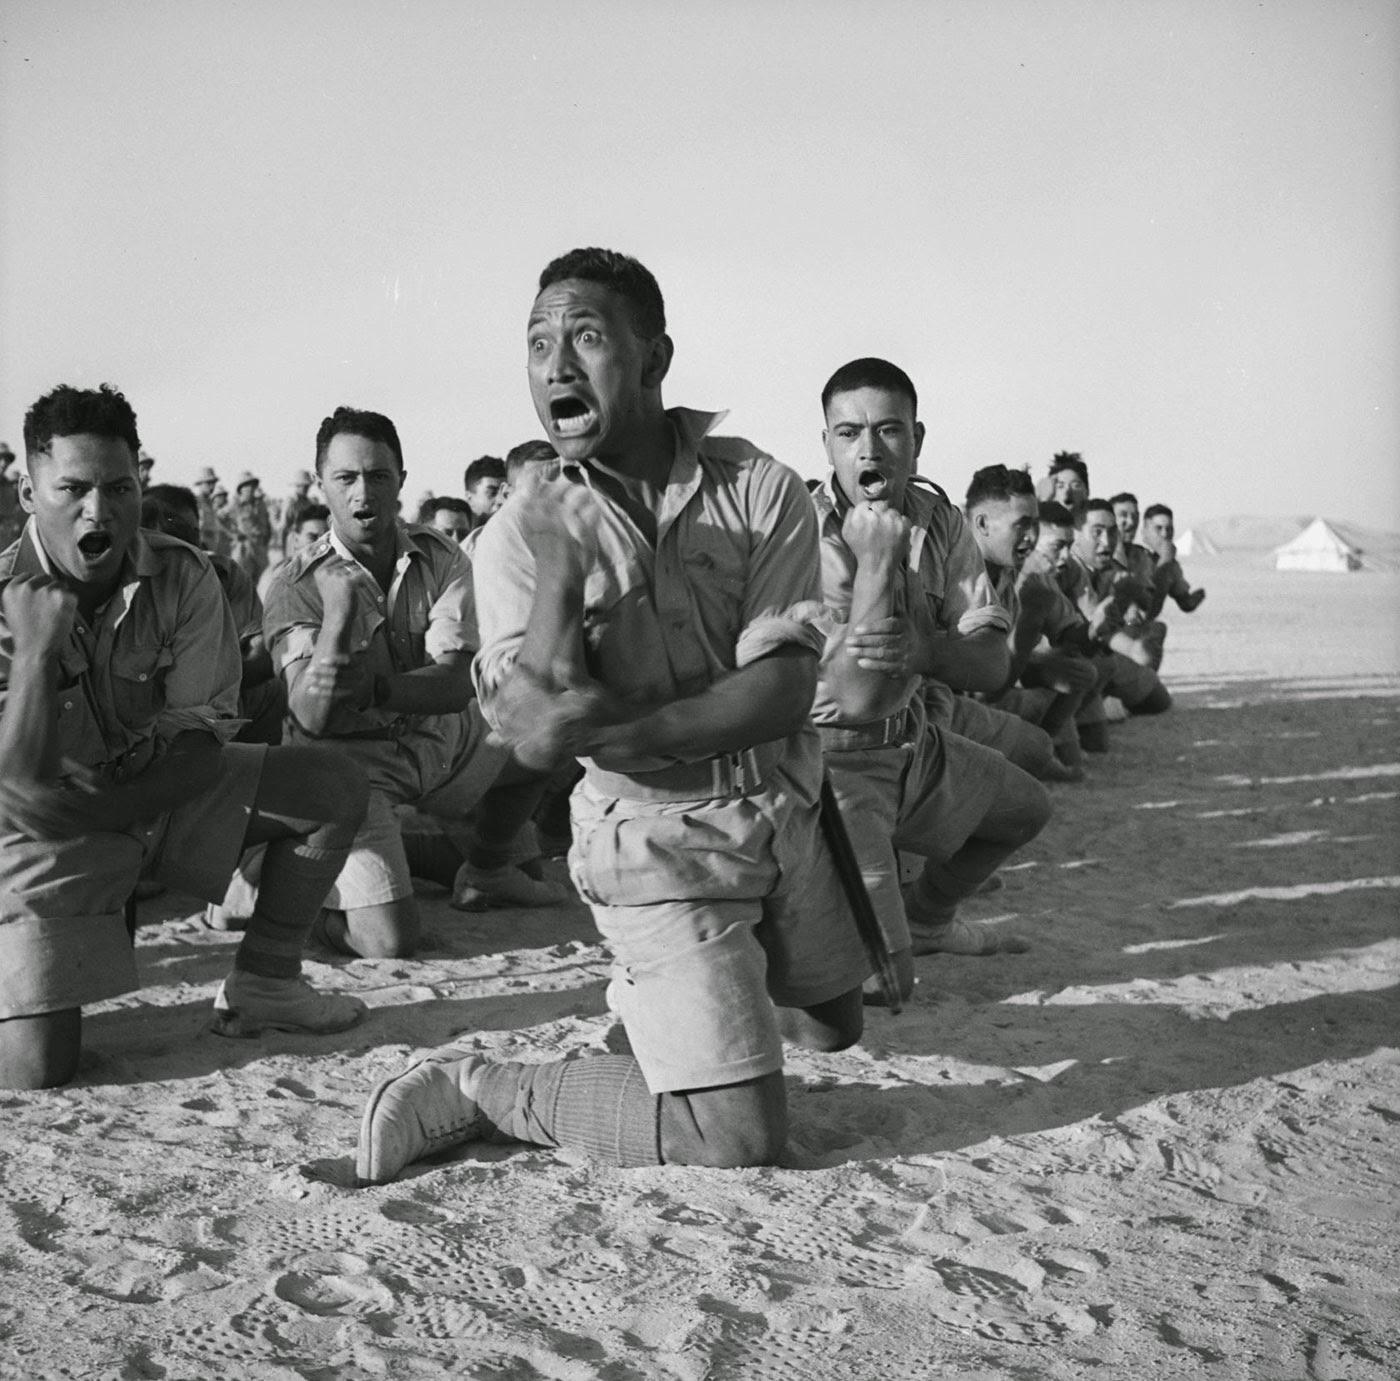 Los miembros del batallón maorí que lucharon en Grecia realizan un Haka para el rey de Grecia en Helwan, Egipto, en junio de 1941.